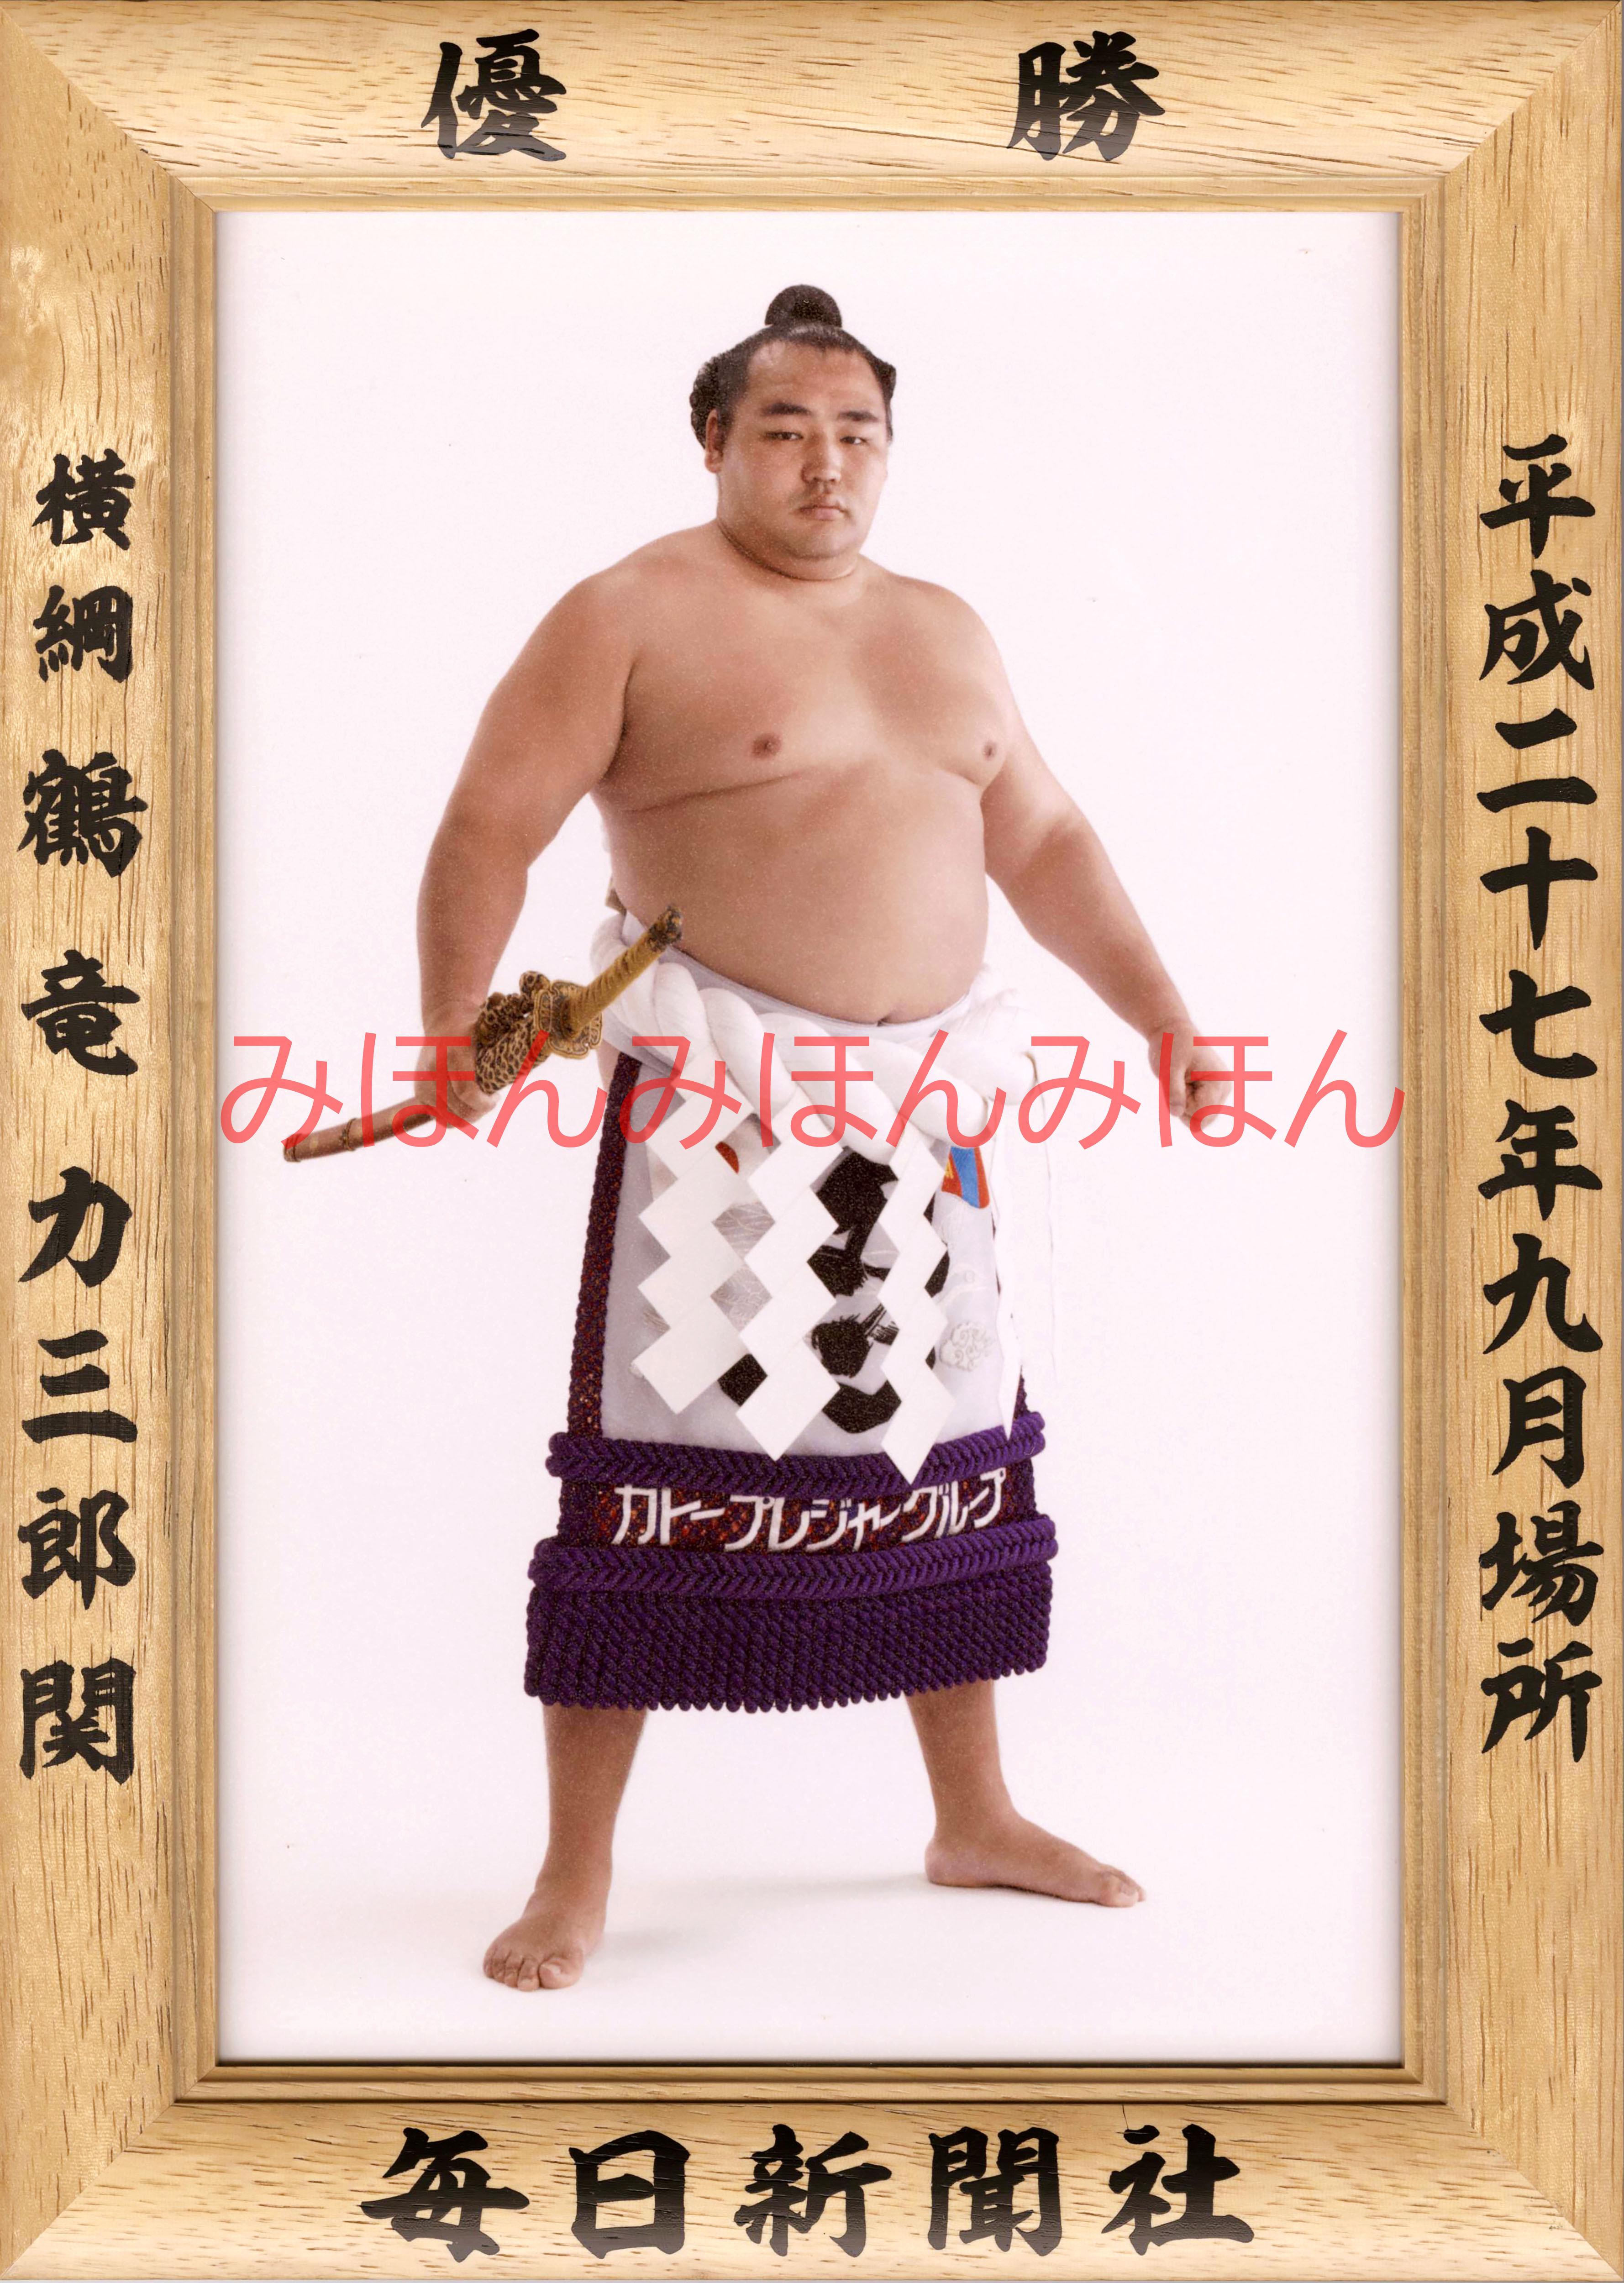 平成27年9月場所優勝 横綱 鶴竜力三郎関(2回目の優勝)